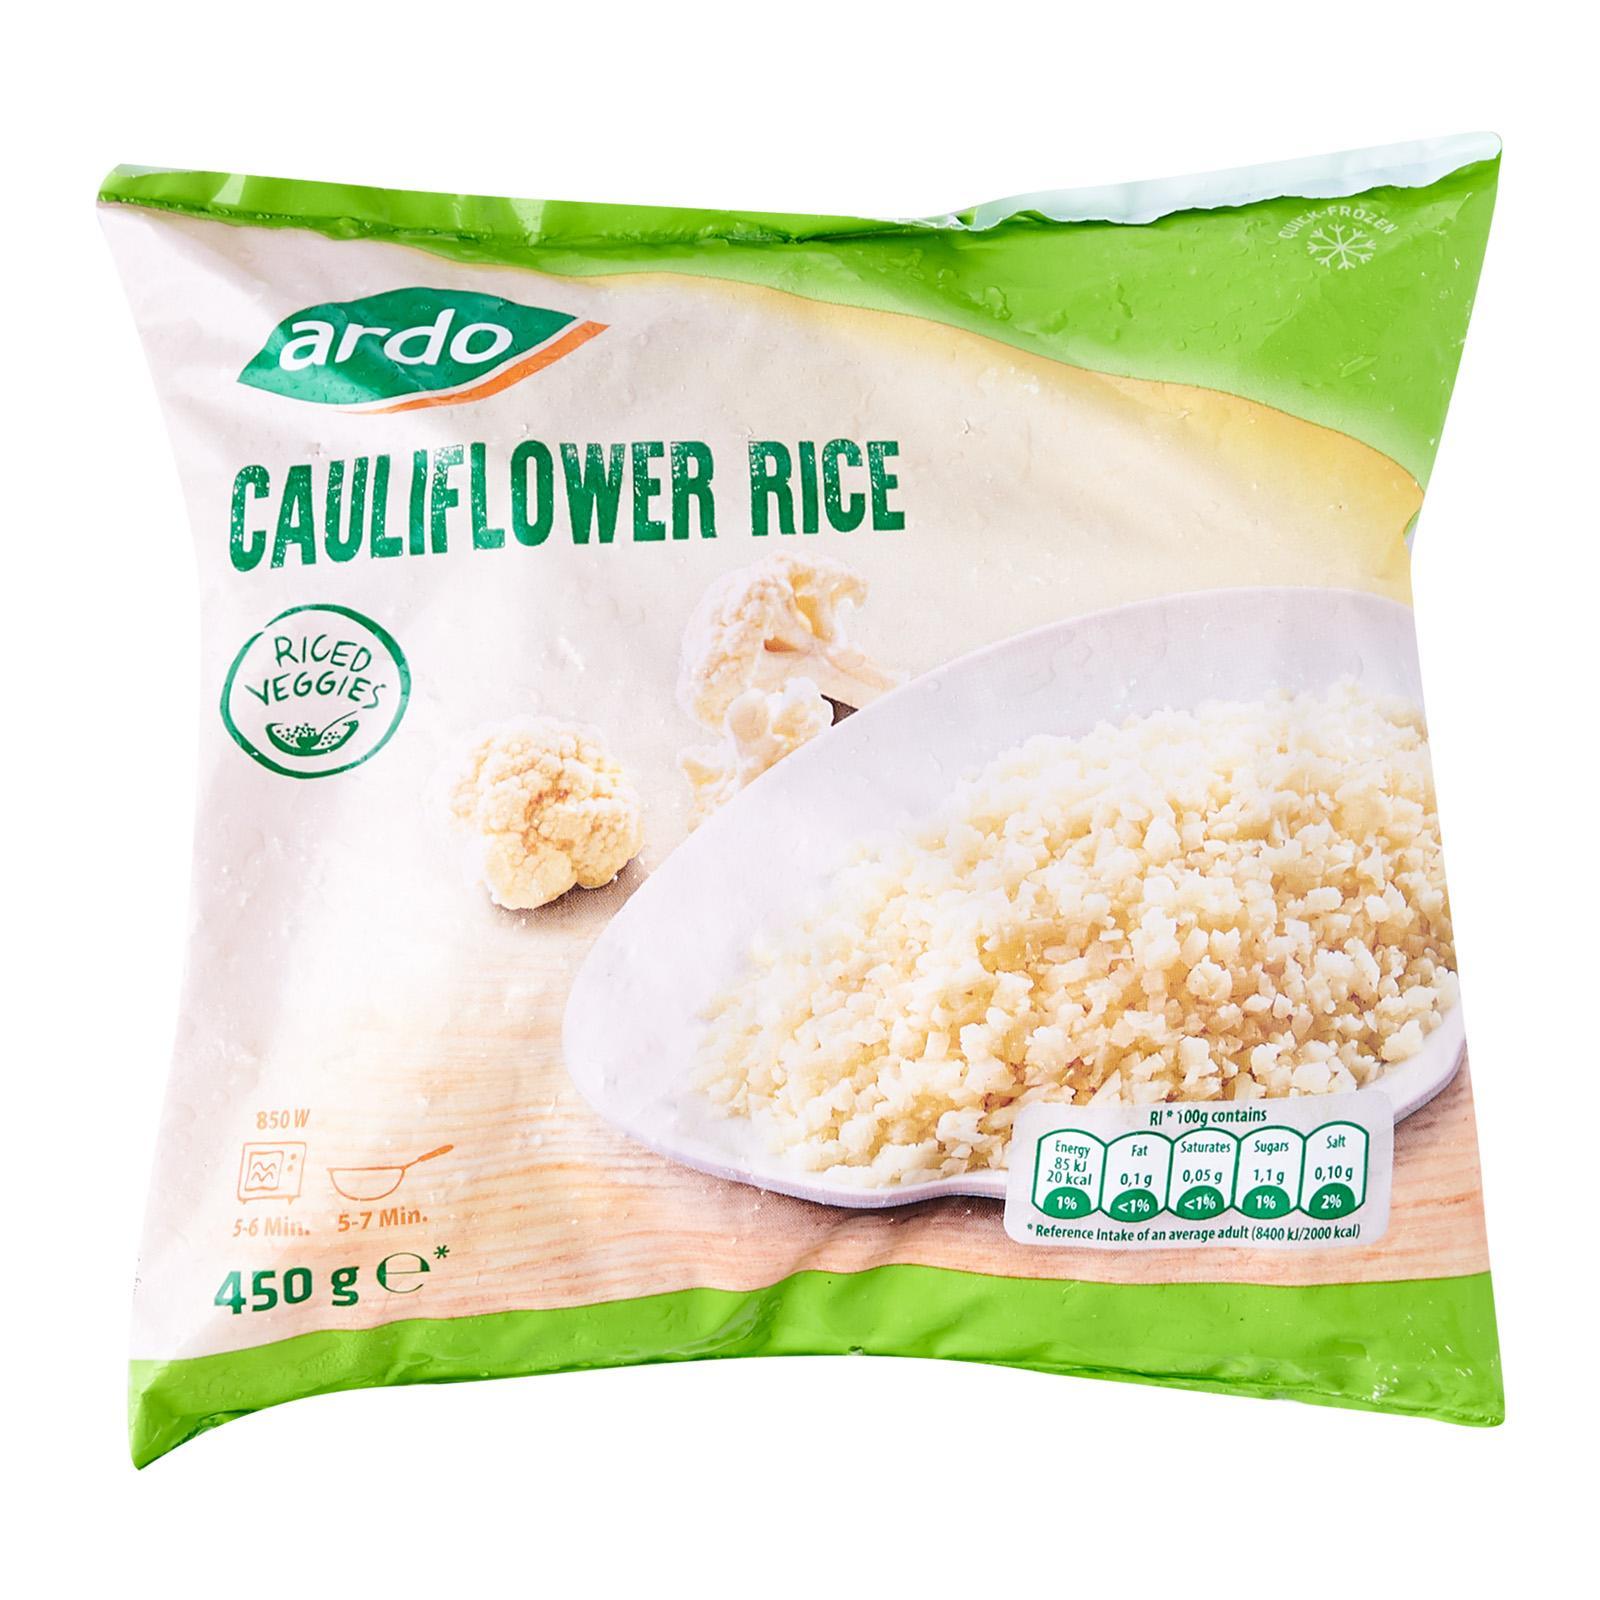 ARDO Cauliflower Rice - Frozen